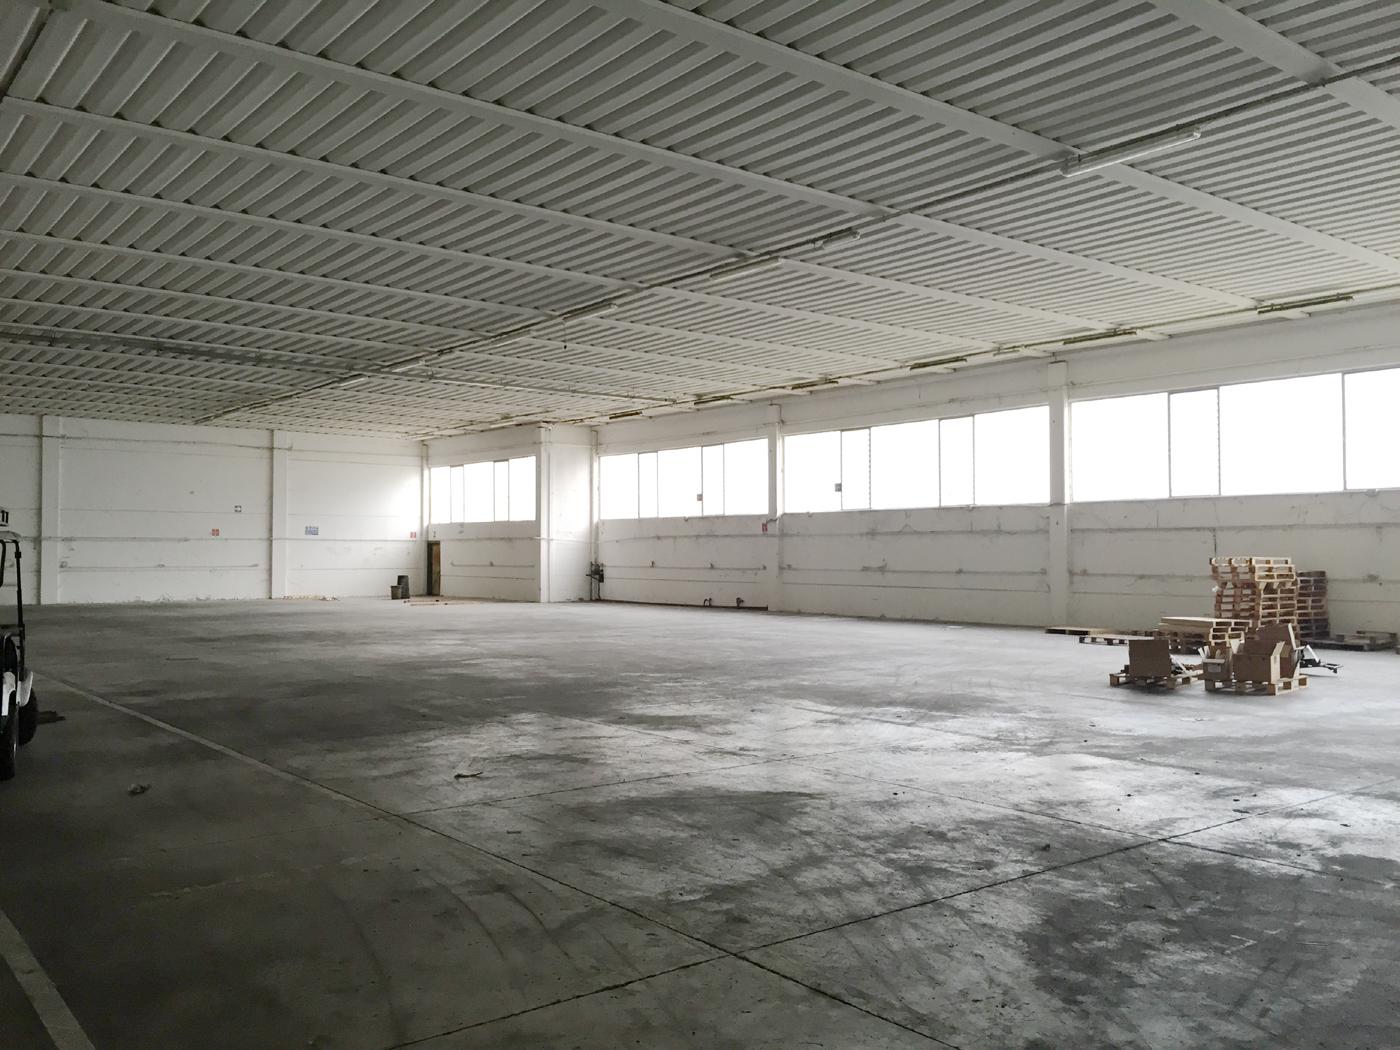 Capannone industriale in vendita a Bientina (PI)